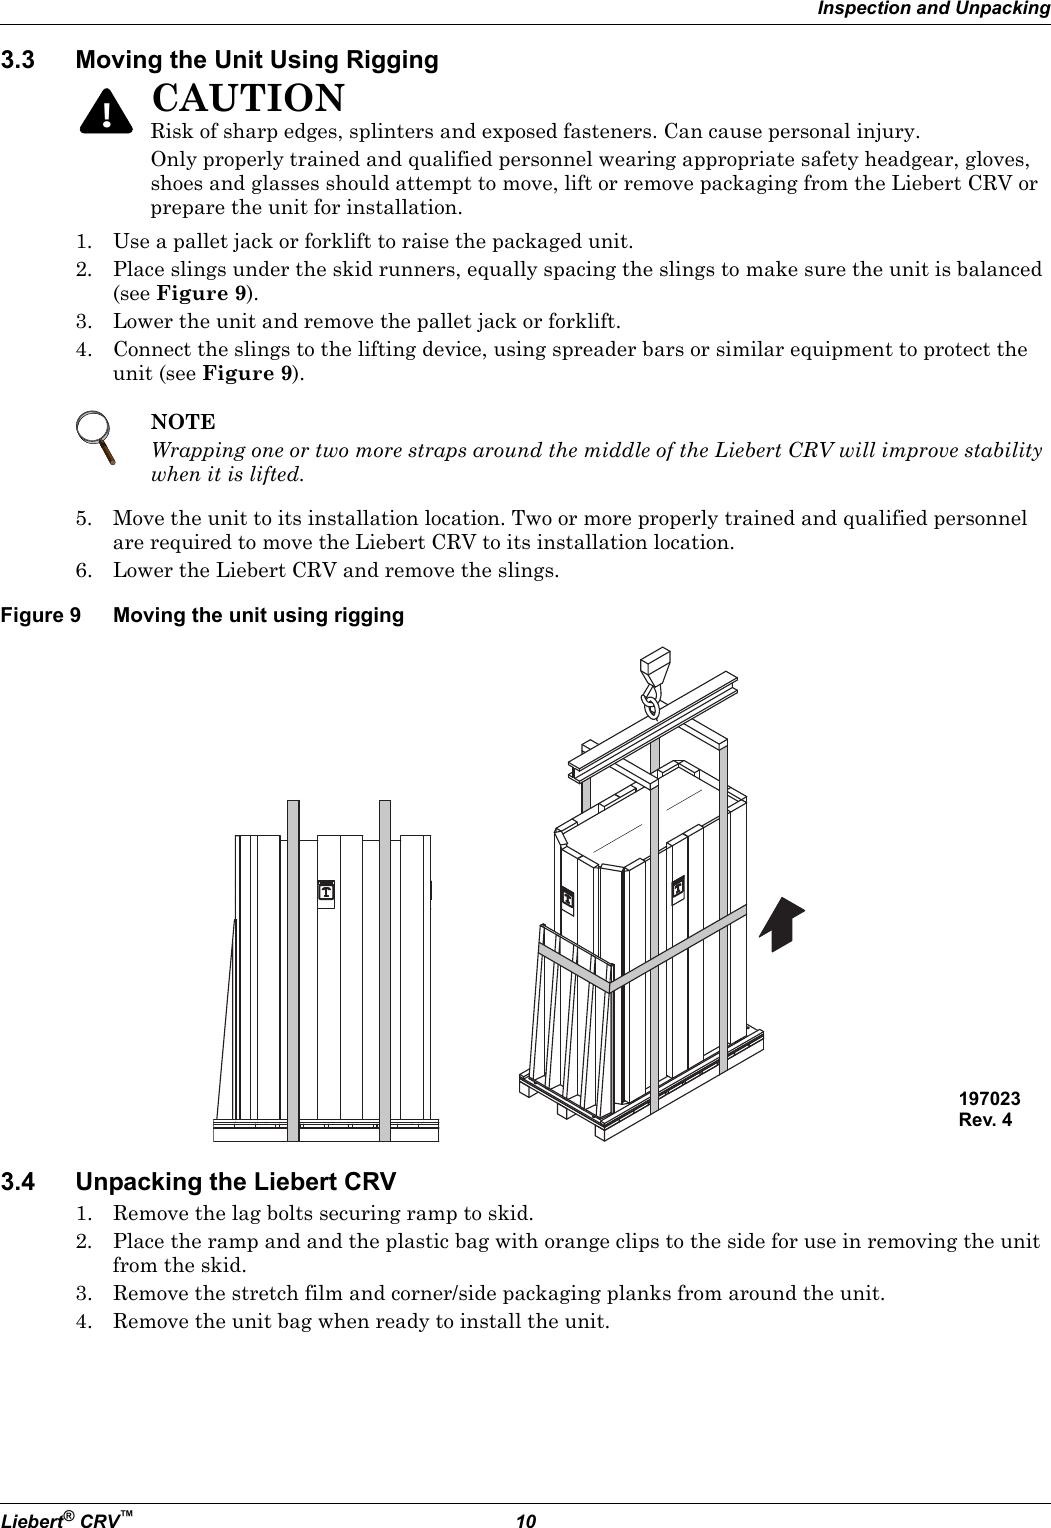 Emerson Liebert Crv Users Manual